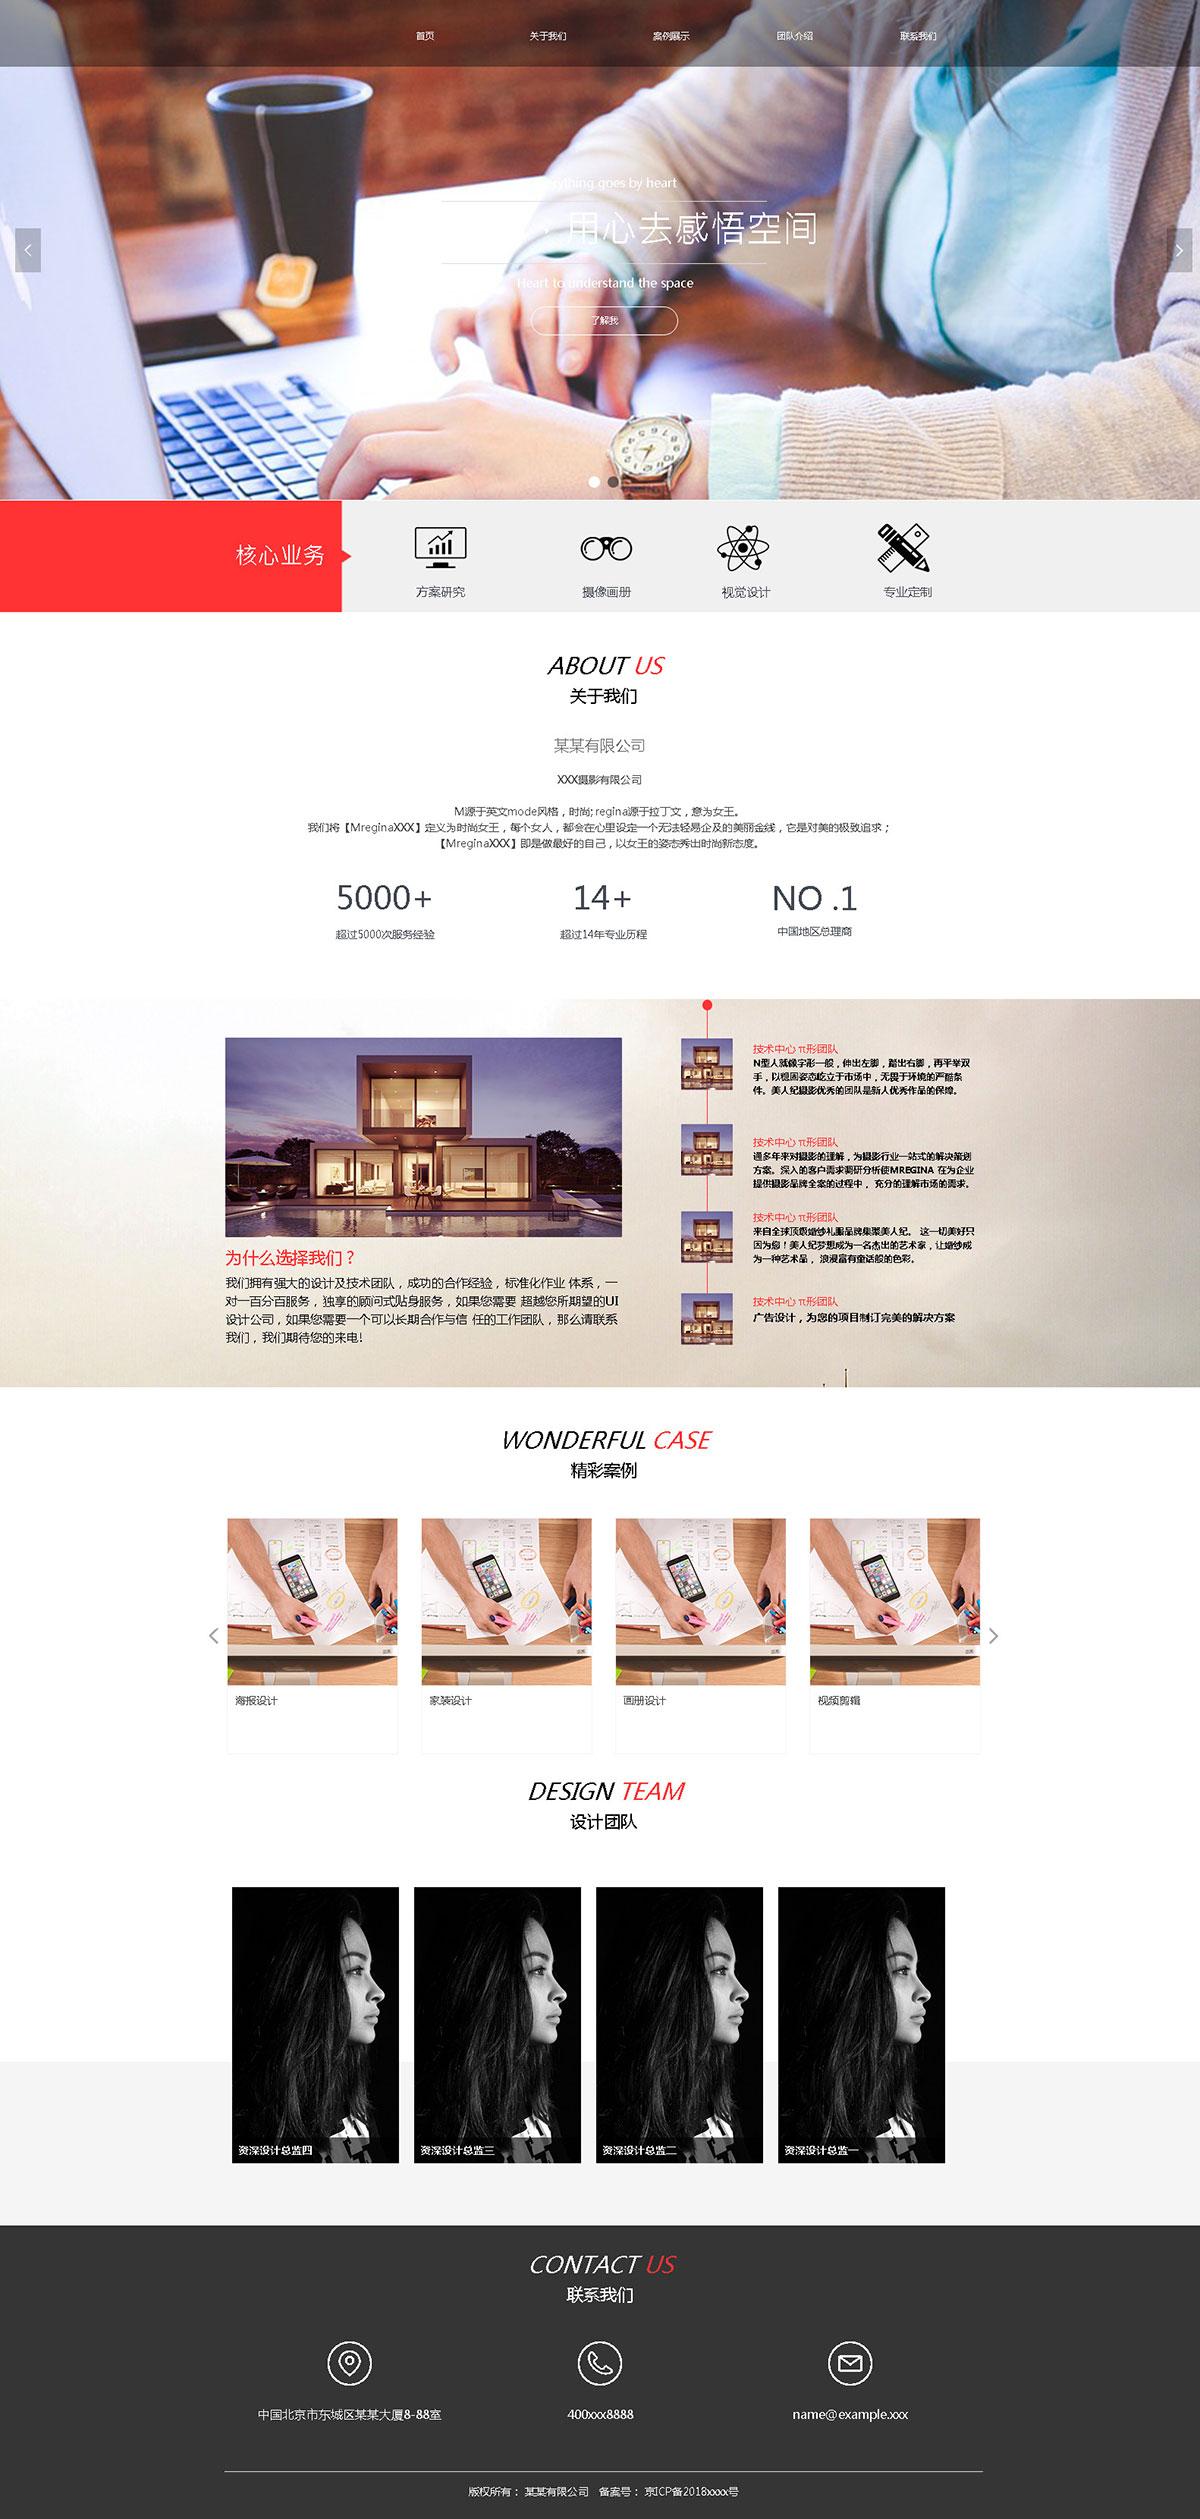 广告公司网站UI界面